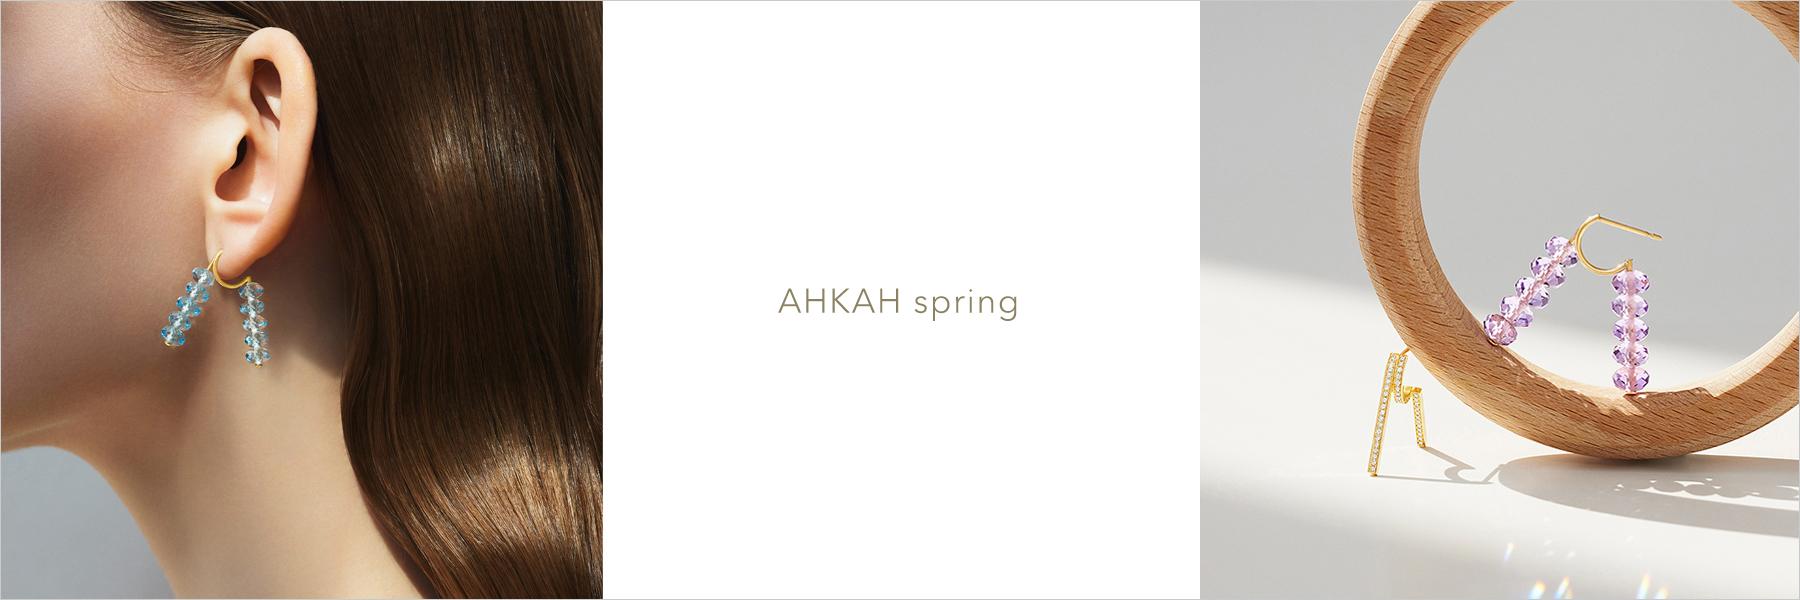 AHKAH spring